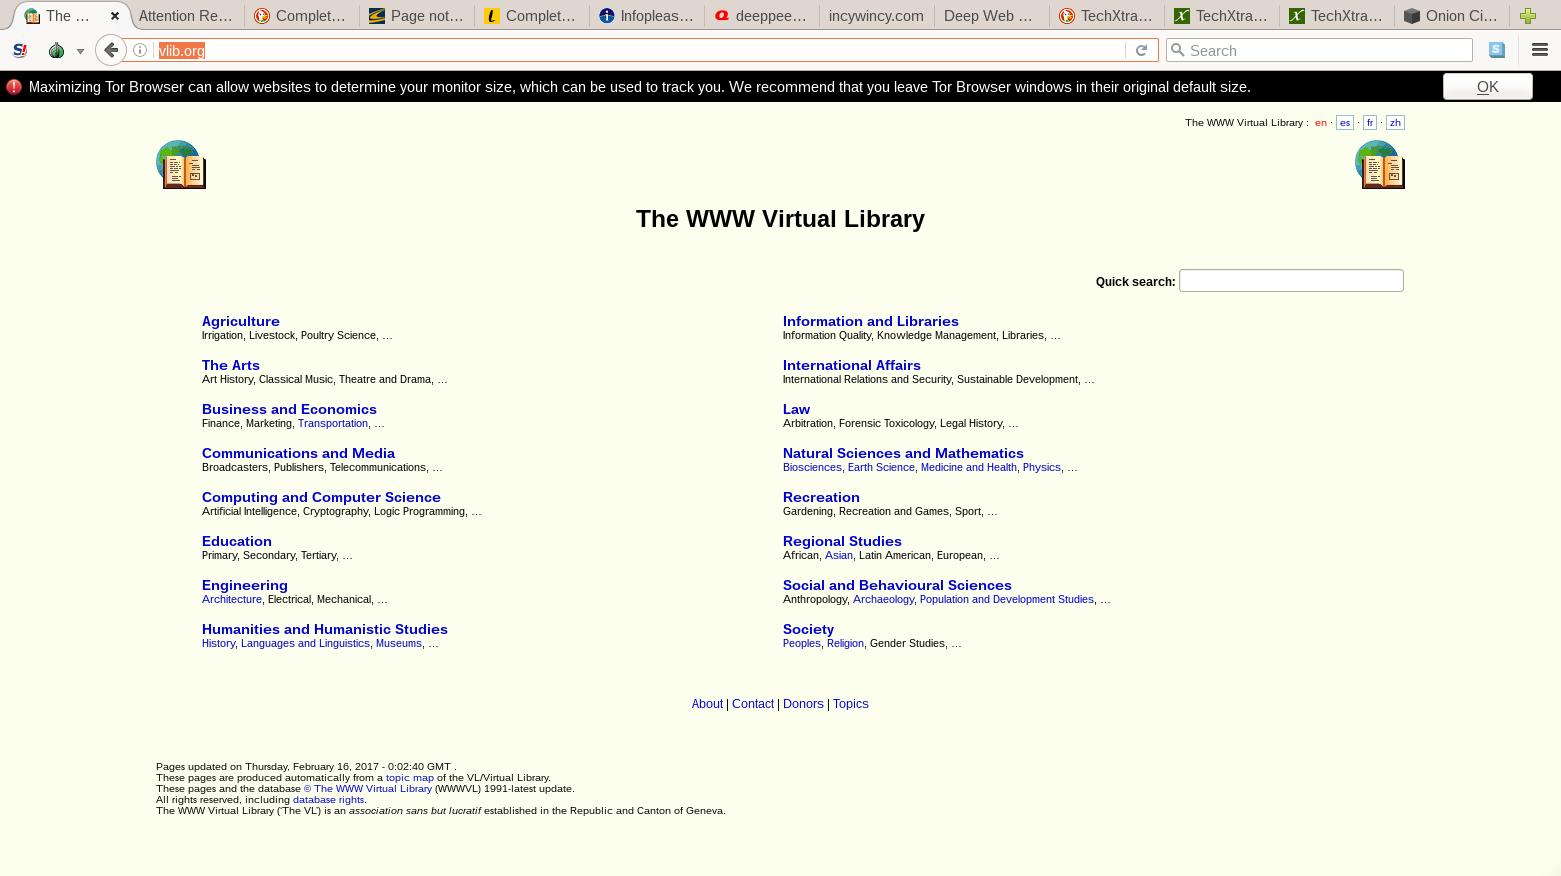 أشهر محركات البحث لـ Deep Web الويب العميق - Taje-Info